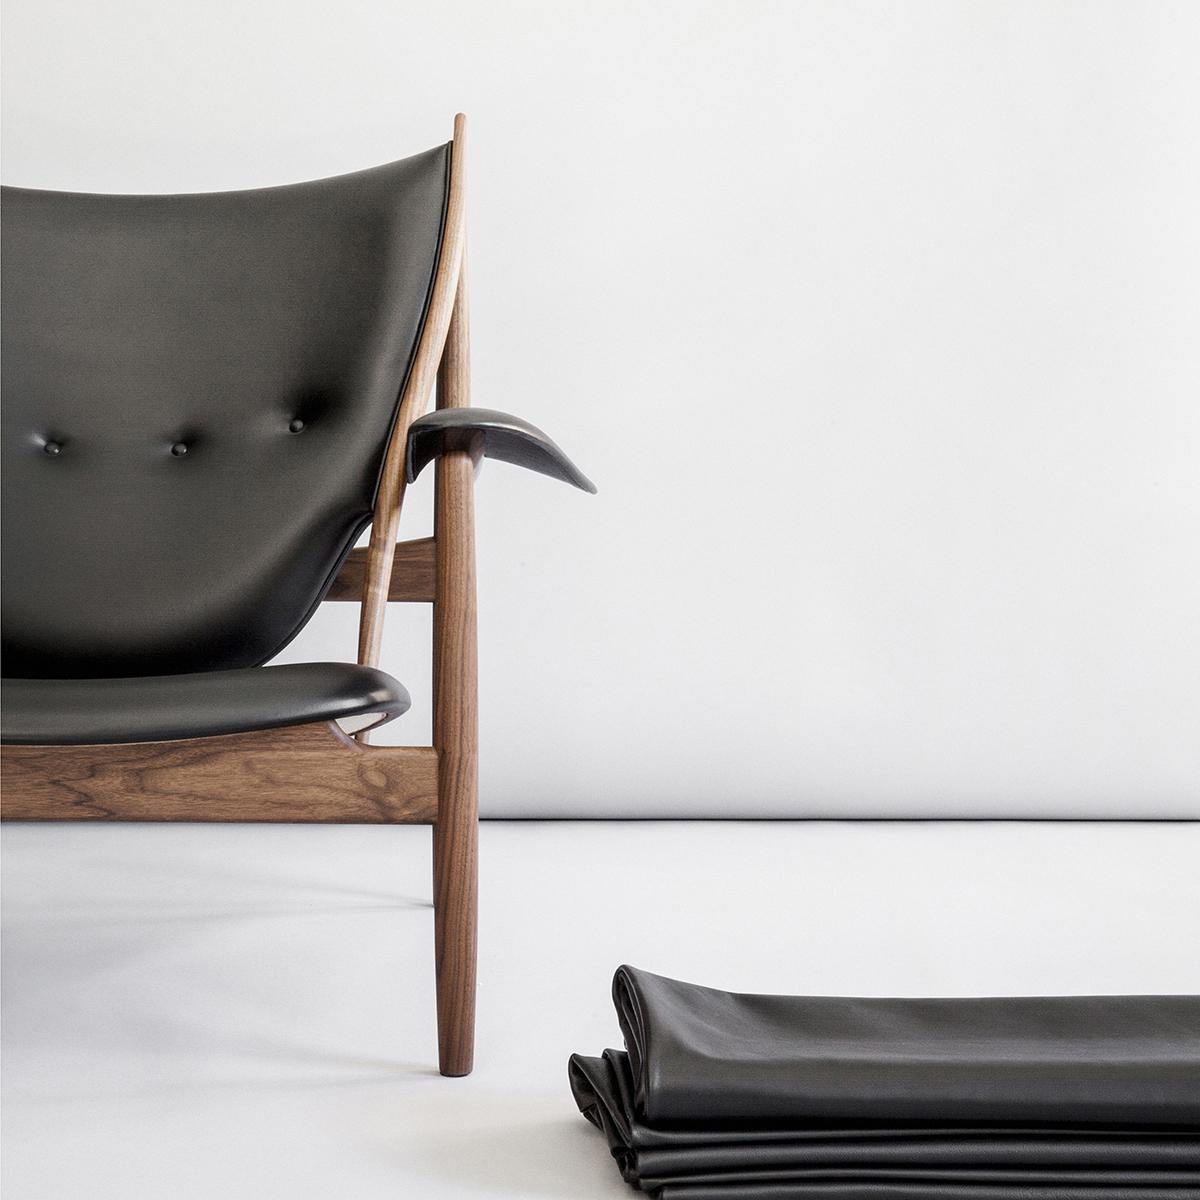 Chieftain Chair By Finn Juhl From House Of Finn Juhl Crafted In Sorensen  Leather ELEGANCE / Black. Photo Jonas Bjerre Poulsen